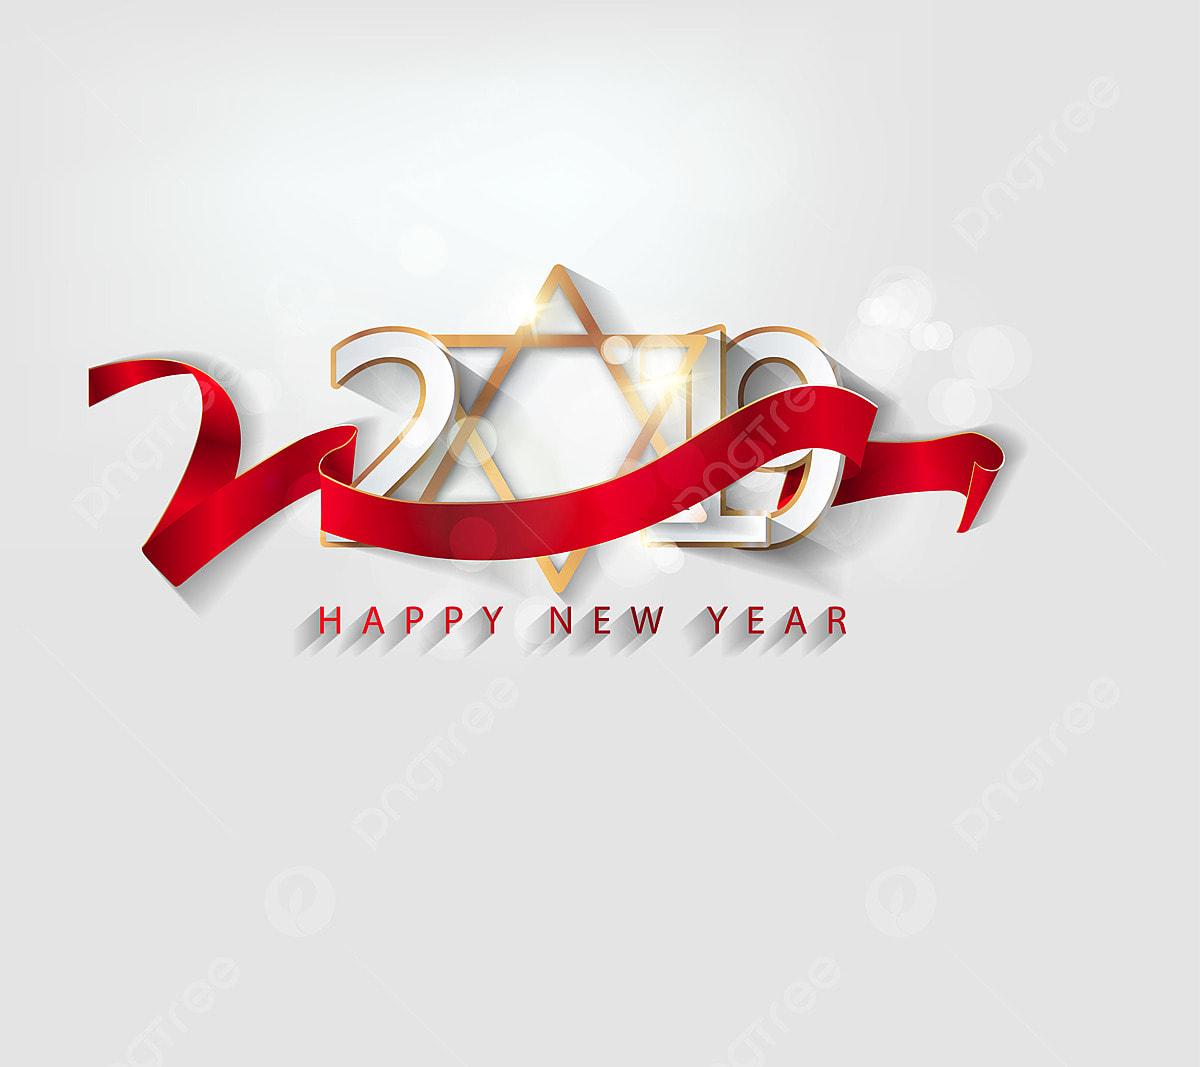 2019 Weiße Weihnachten.Frohes Neues Jahr 2019 Und Frohe Weihnachten Glücklich Weiße Schwein